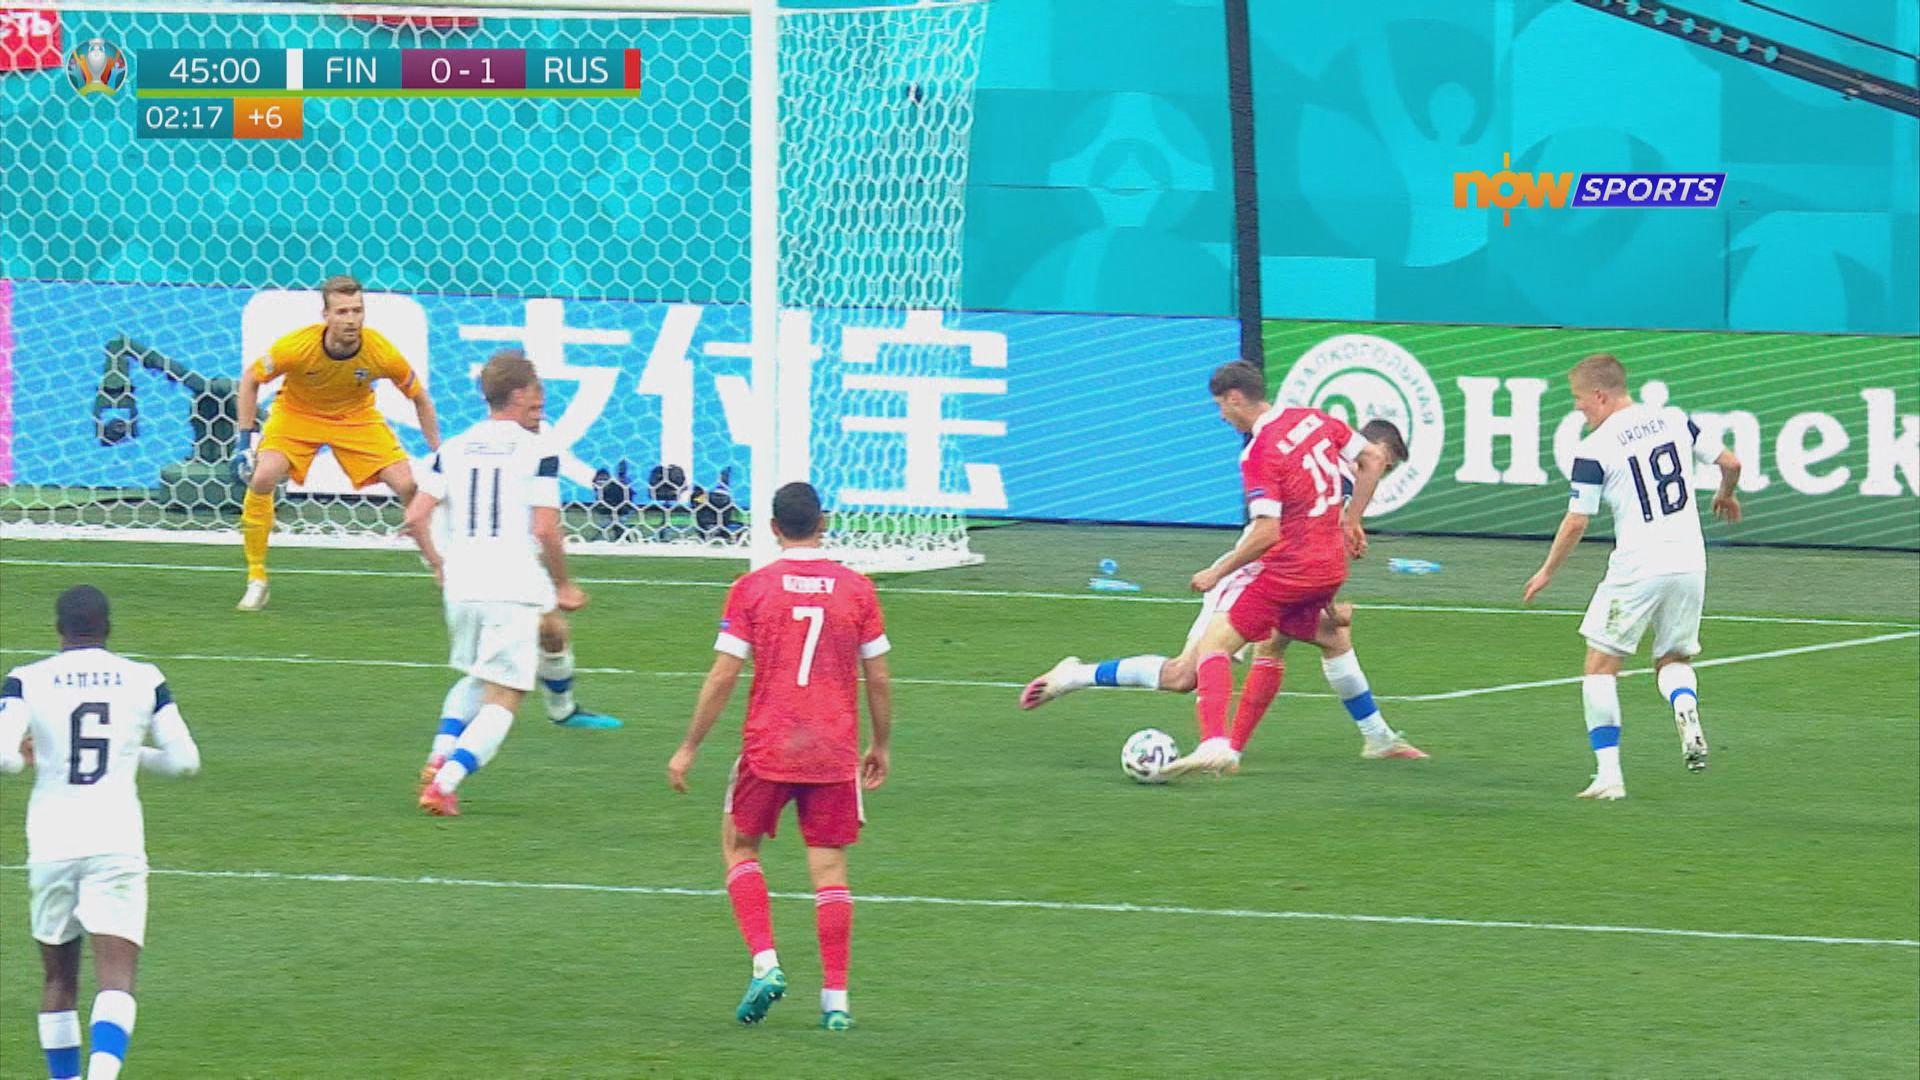 歐國盃 芬蘭0:1俄羅斯